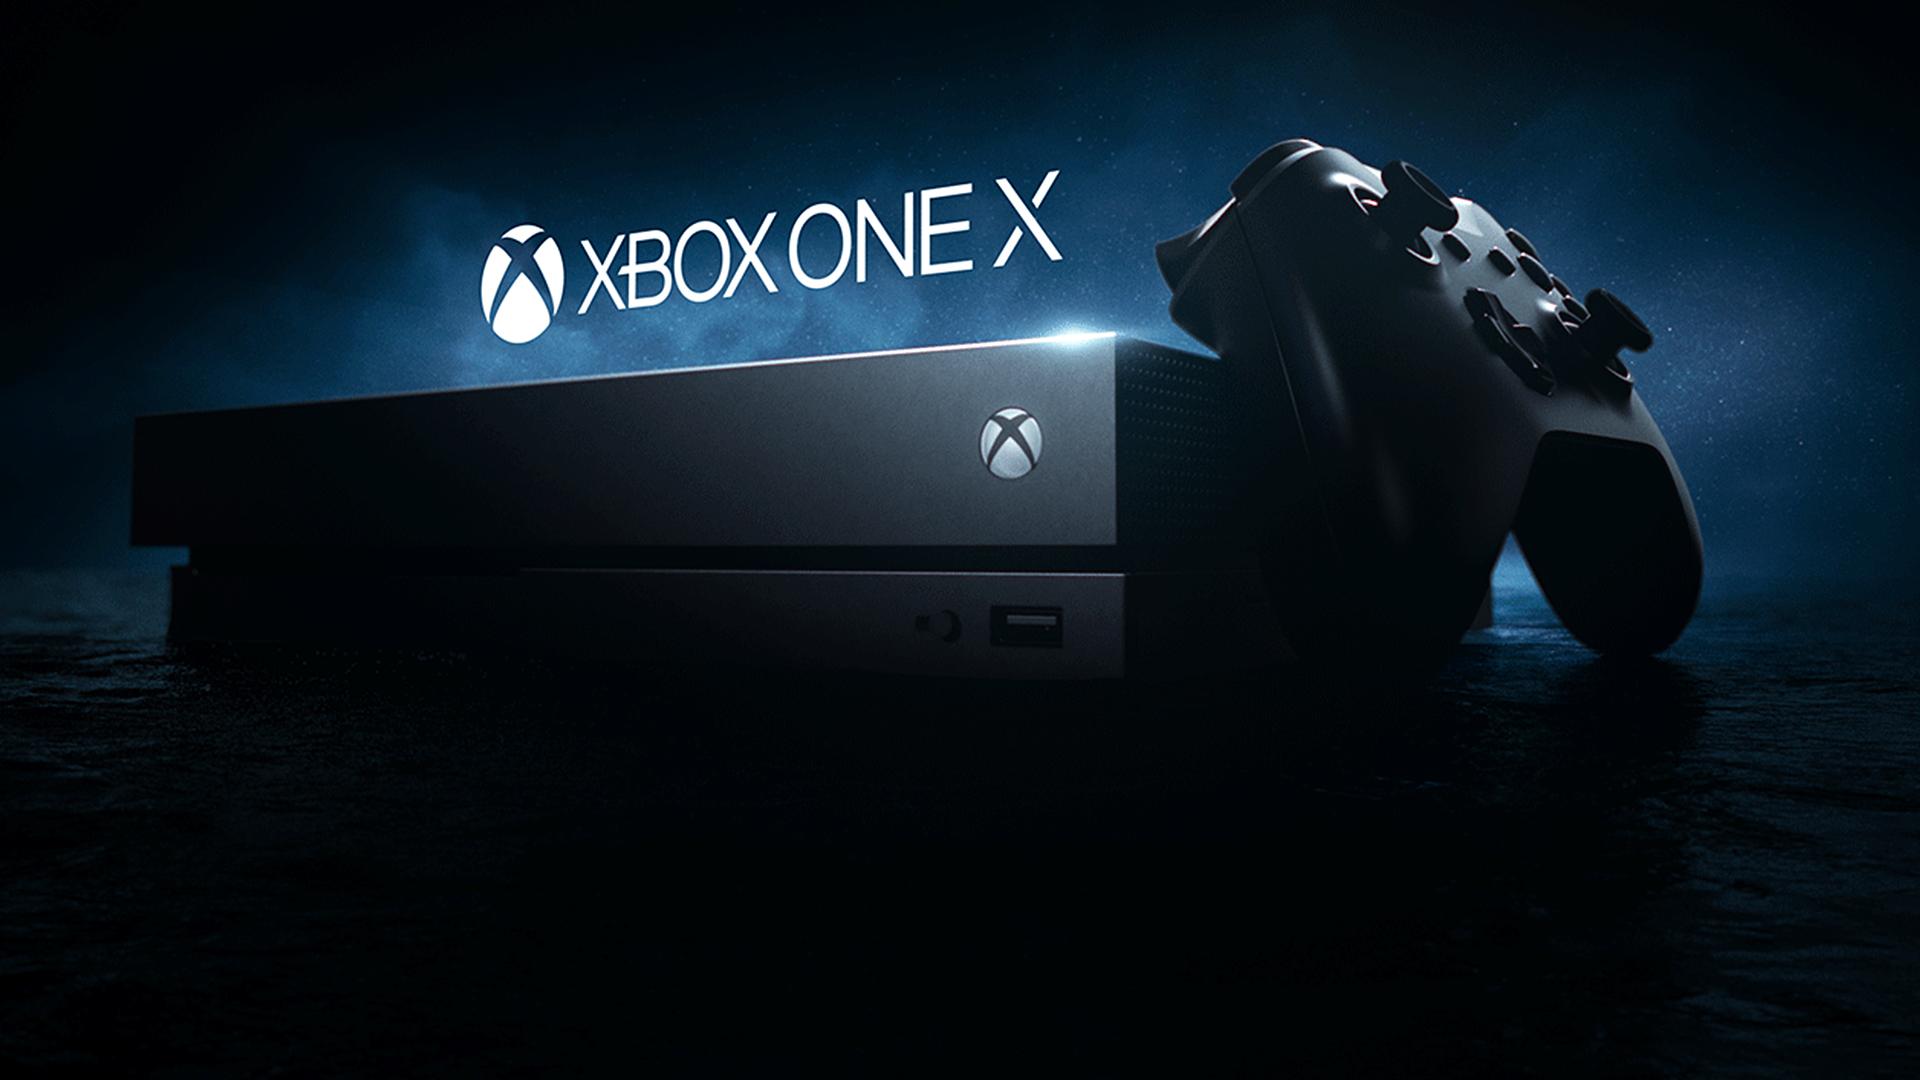 Xboxx